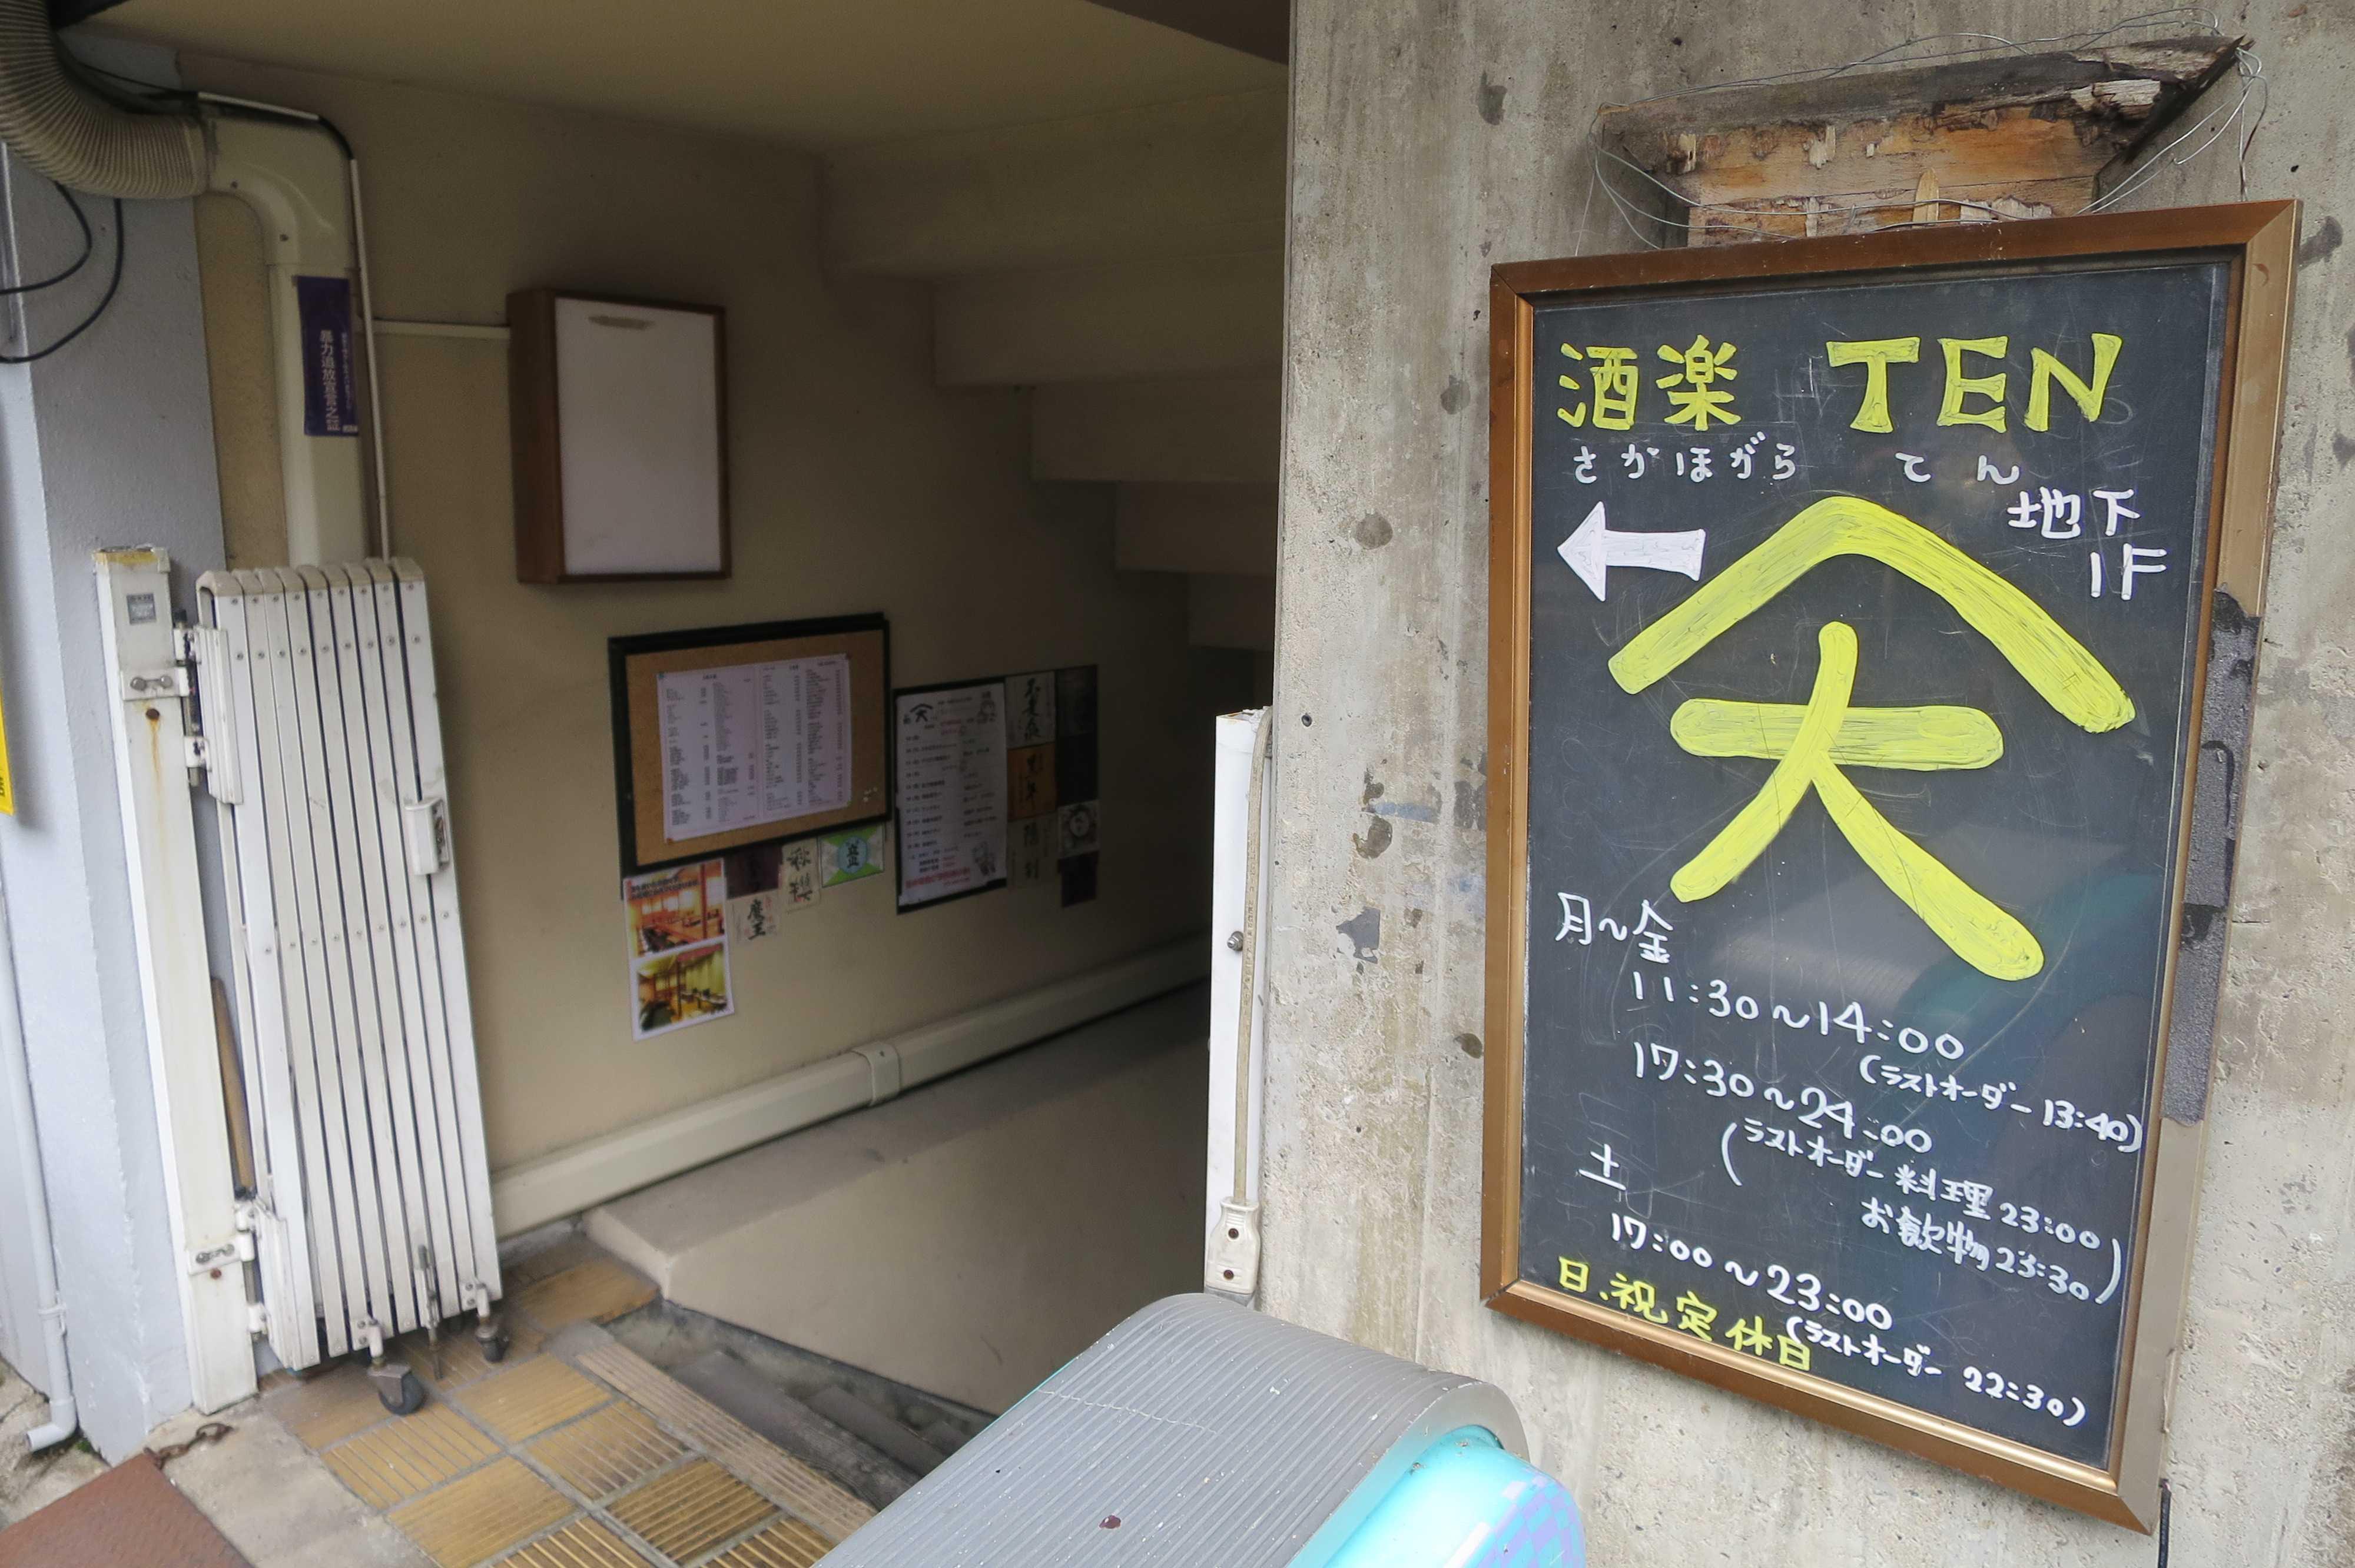 京都 - 酒楽 天 (さかほがら てん)